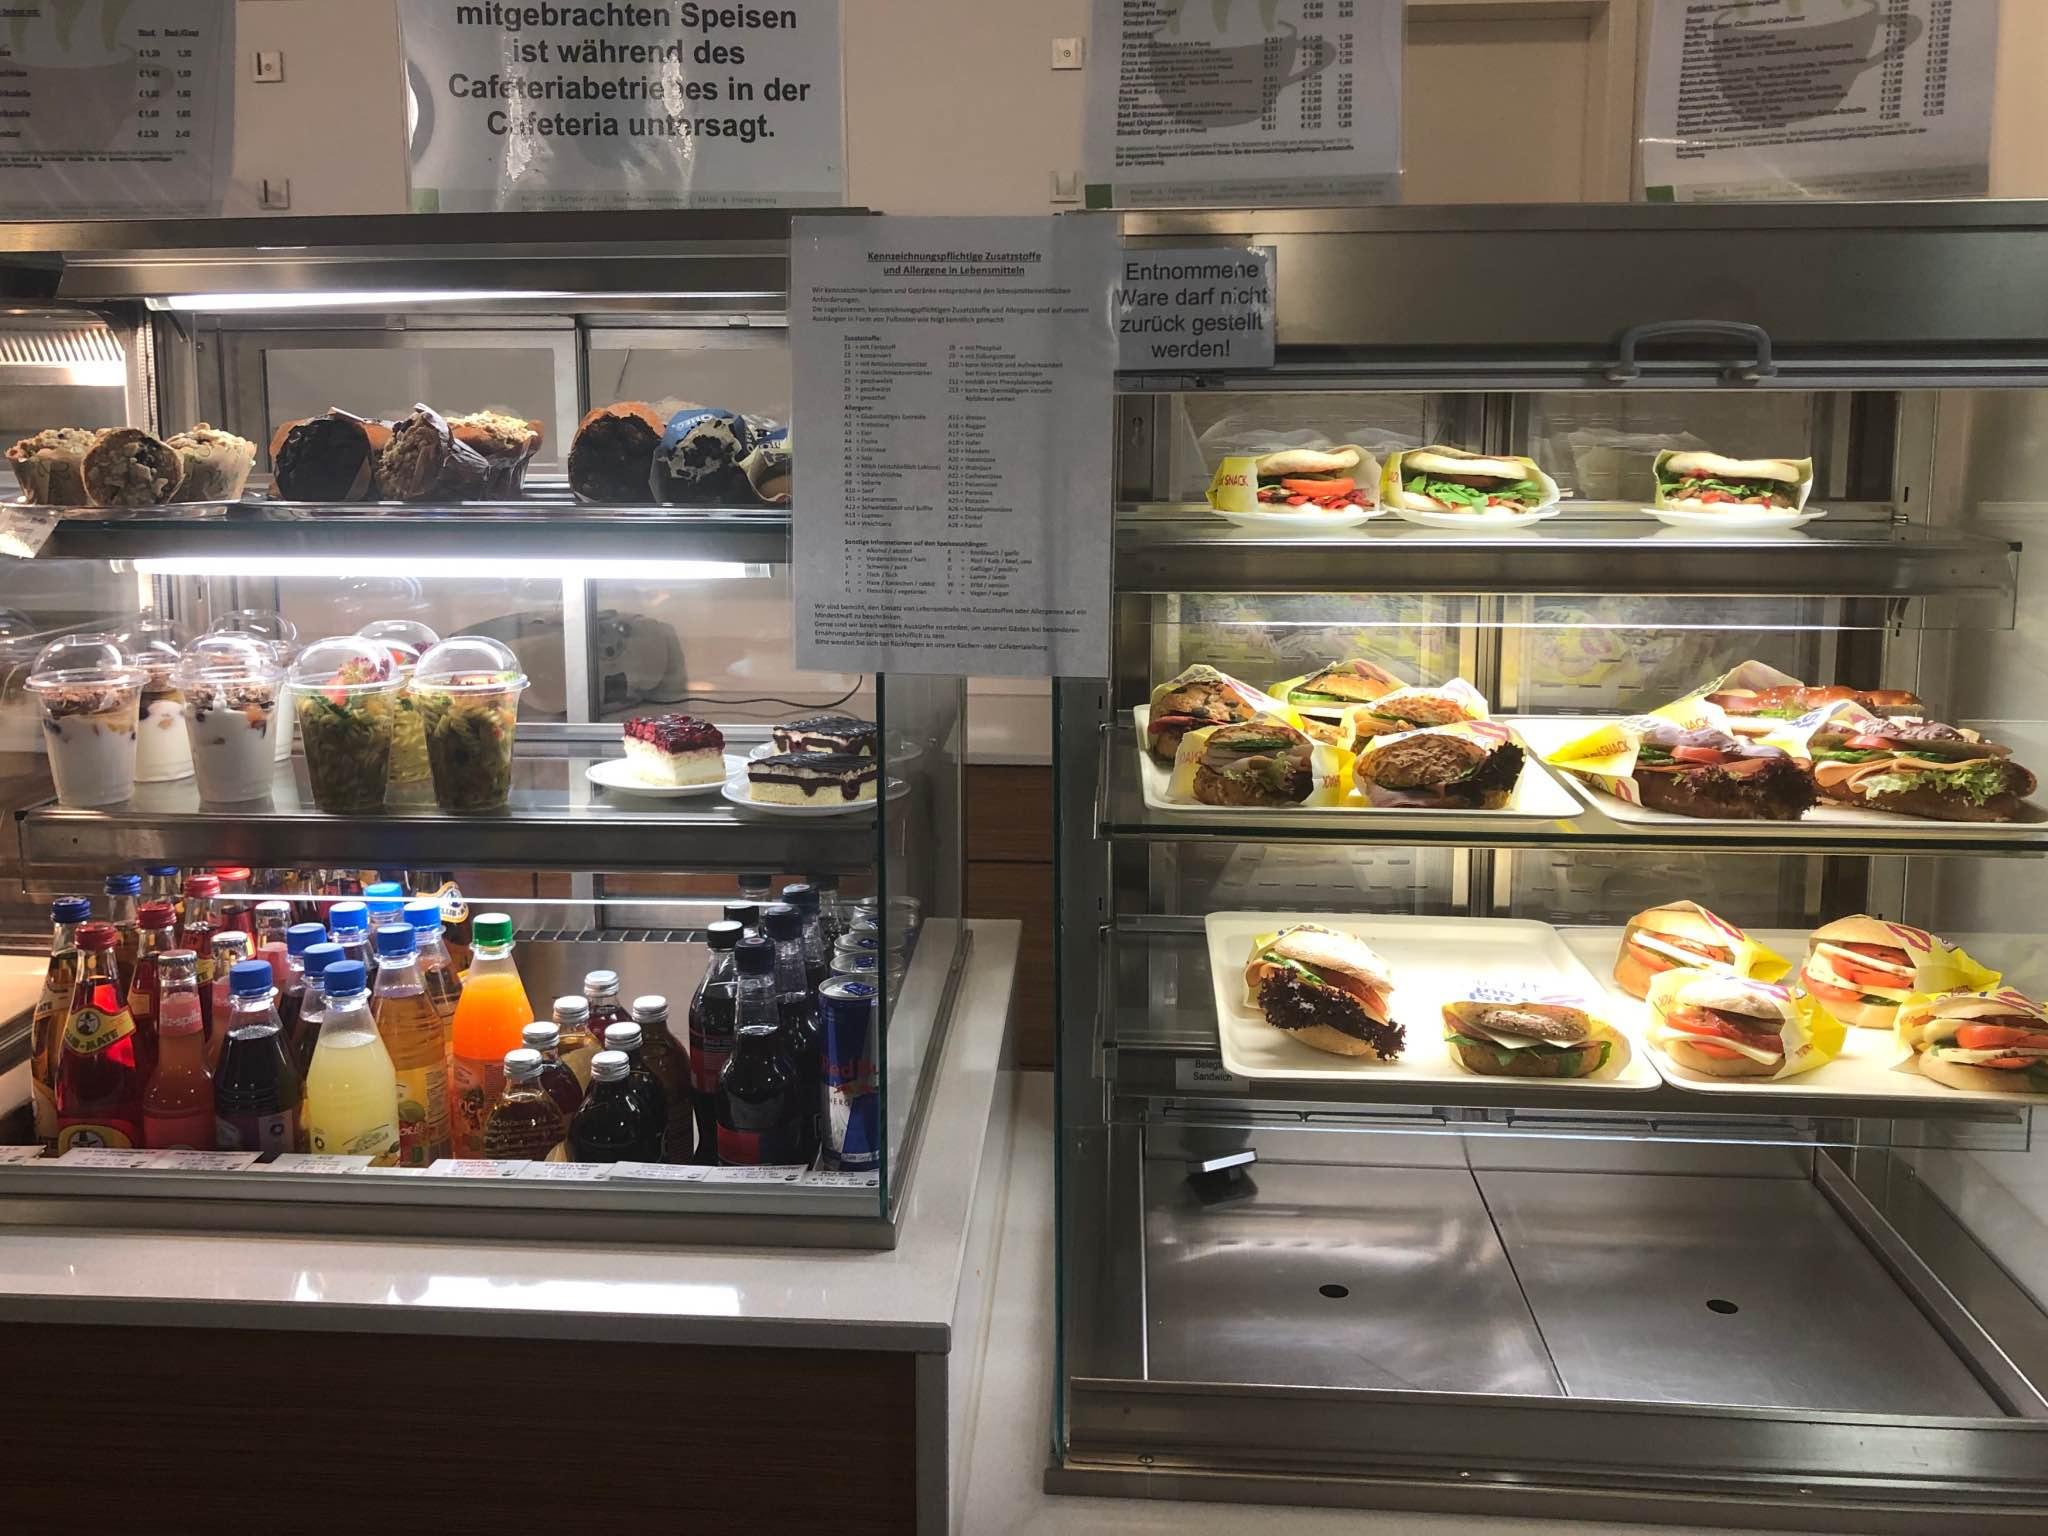 Brötchen in der Cafeteria der Juristischen Fakultät. Foto: Annika Betz